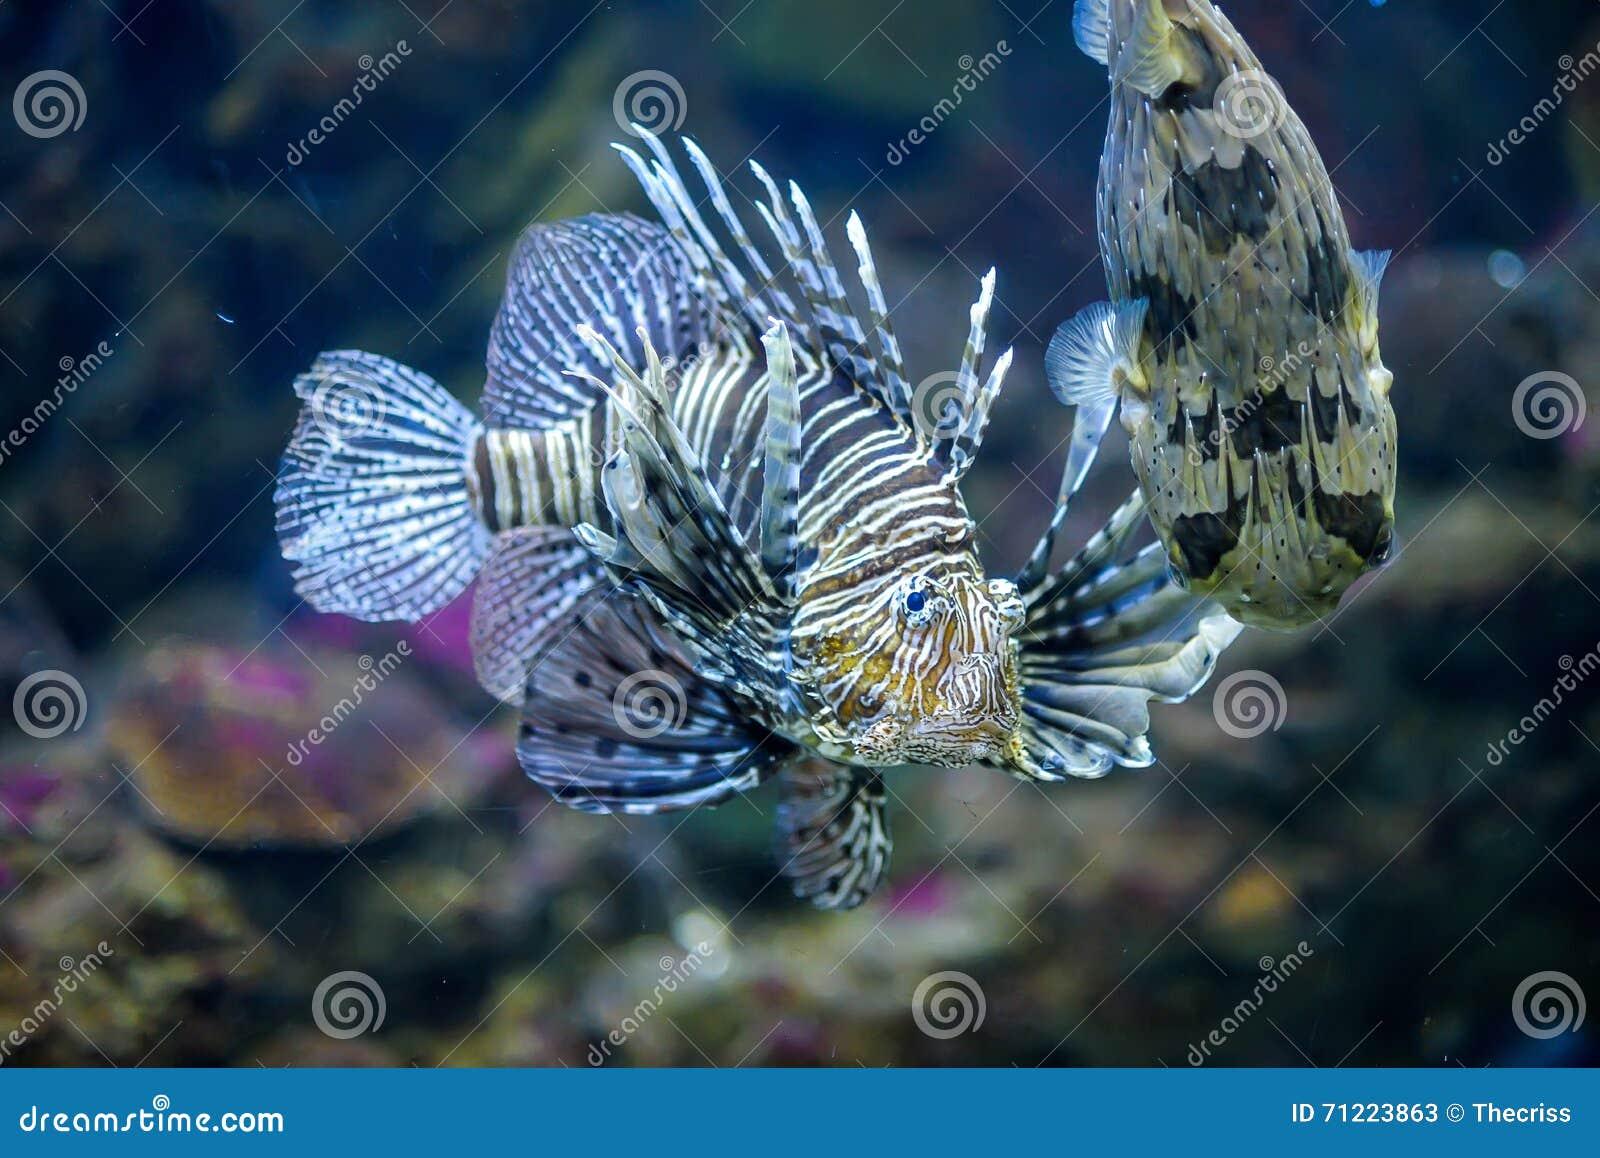 Fish for marine aquarium - Lion Fish And Baloon Fish In Marine Aquarium